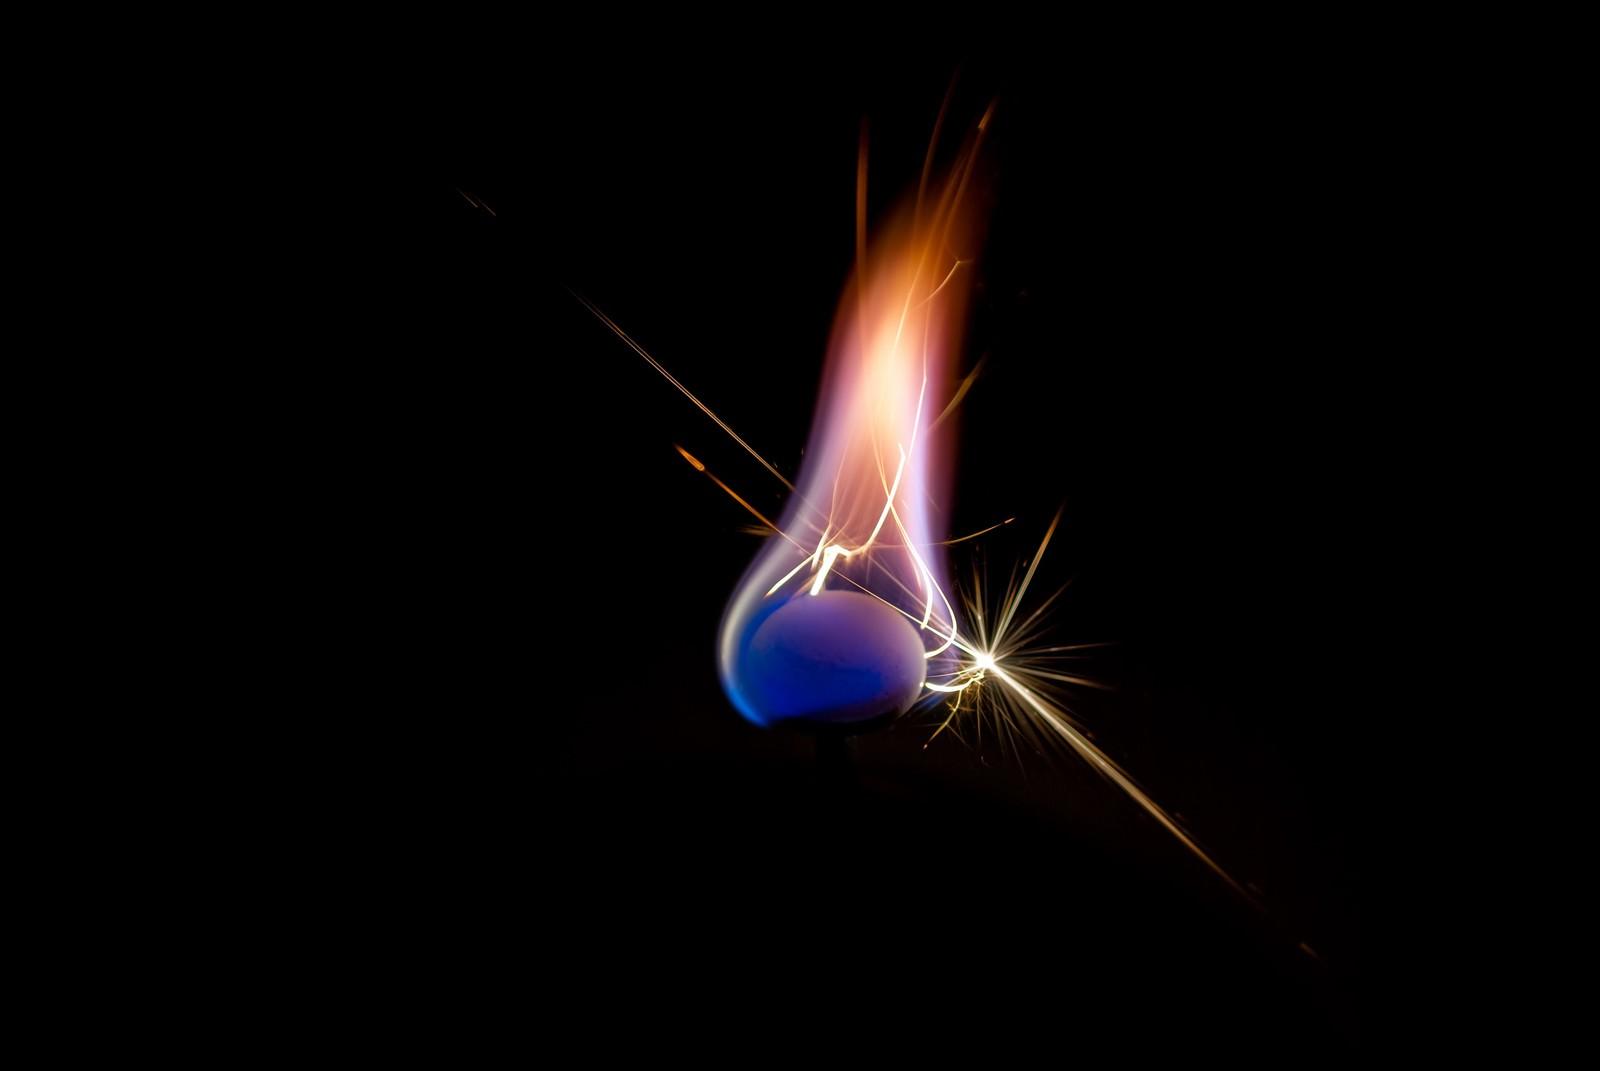 「火花を散らす線香花火」の写真